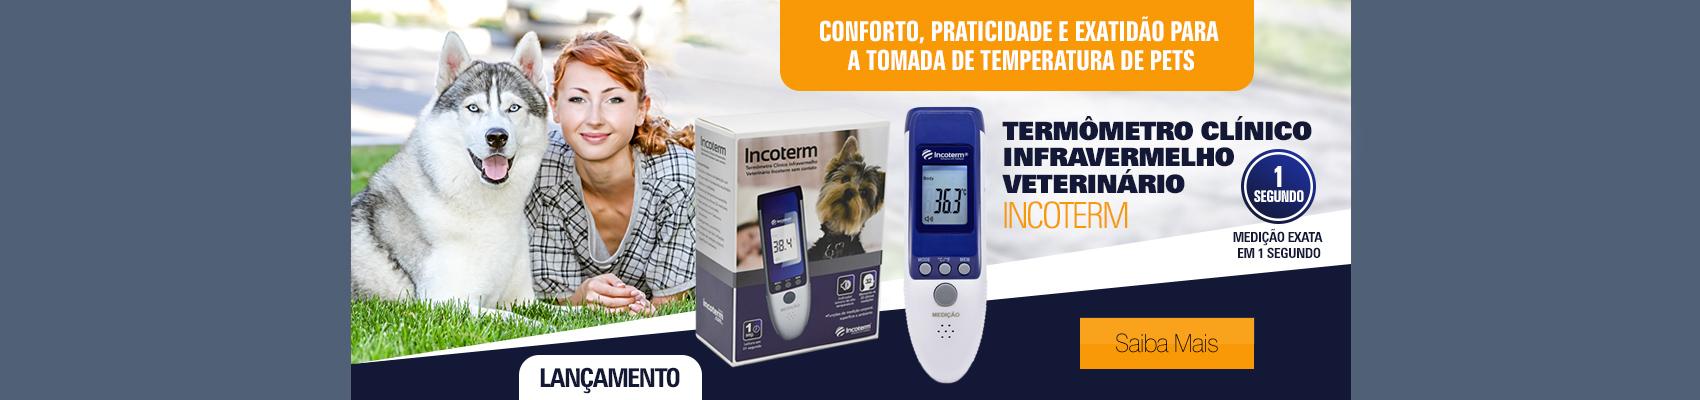 Termômetro Clínico Infravermelho Veterinário Incoterm